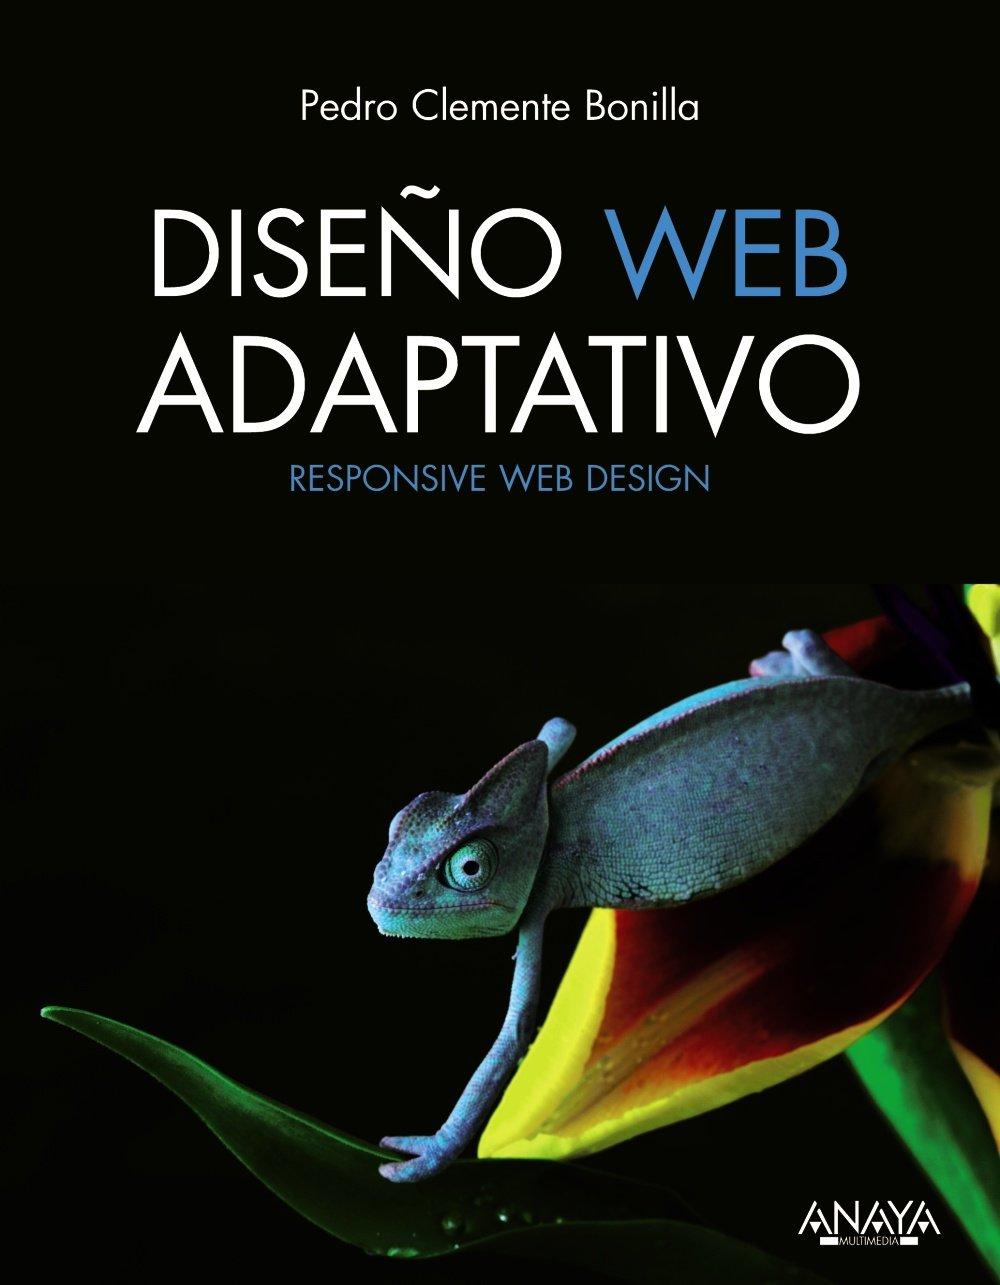 Diseño Web Adaptativo (Títulos Especiales) Tapa blanda – 11 oct 2013 Pedro Clemente Bonilla Anaya 844153389X Web - Design